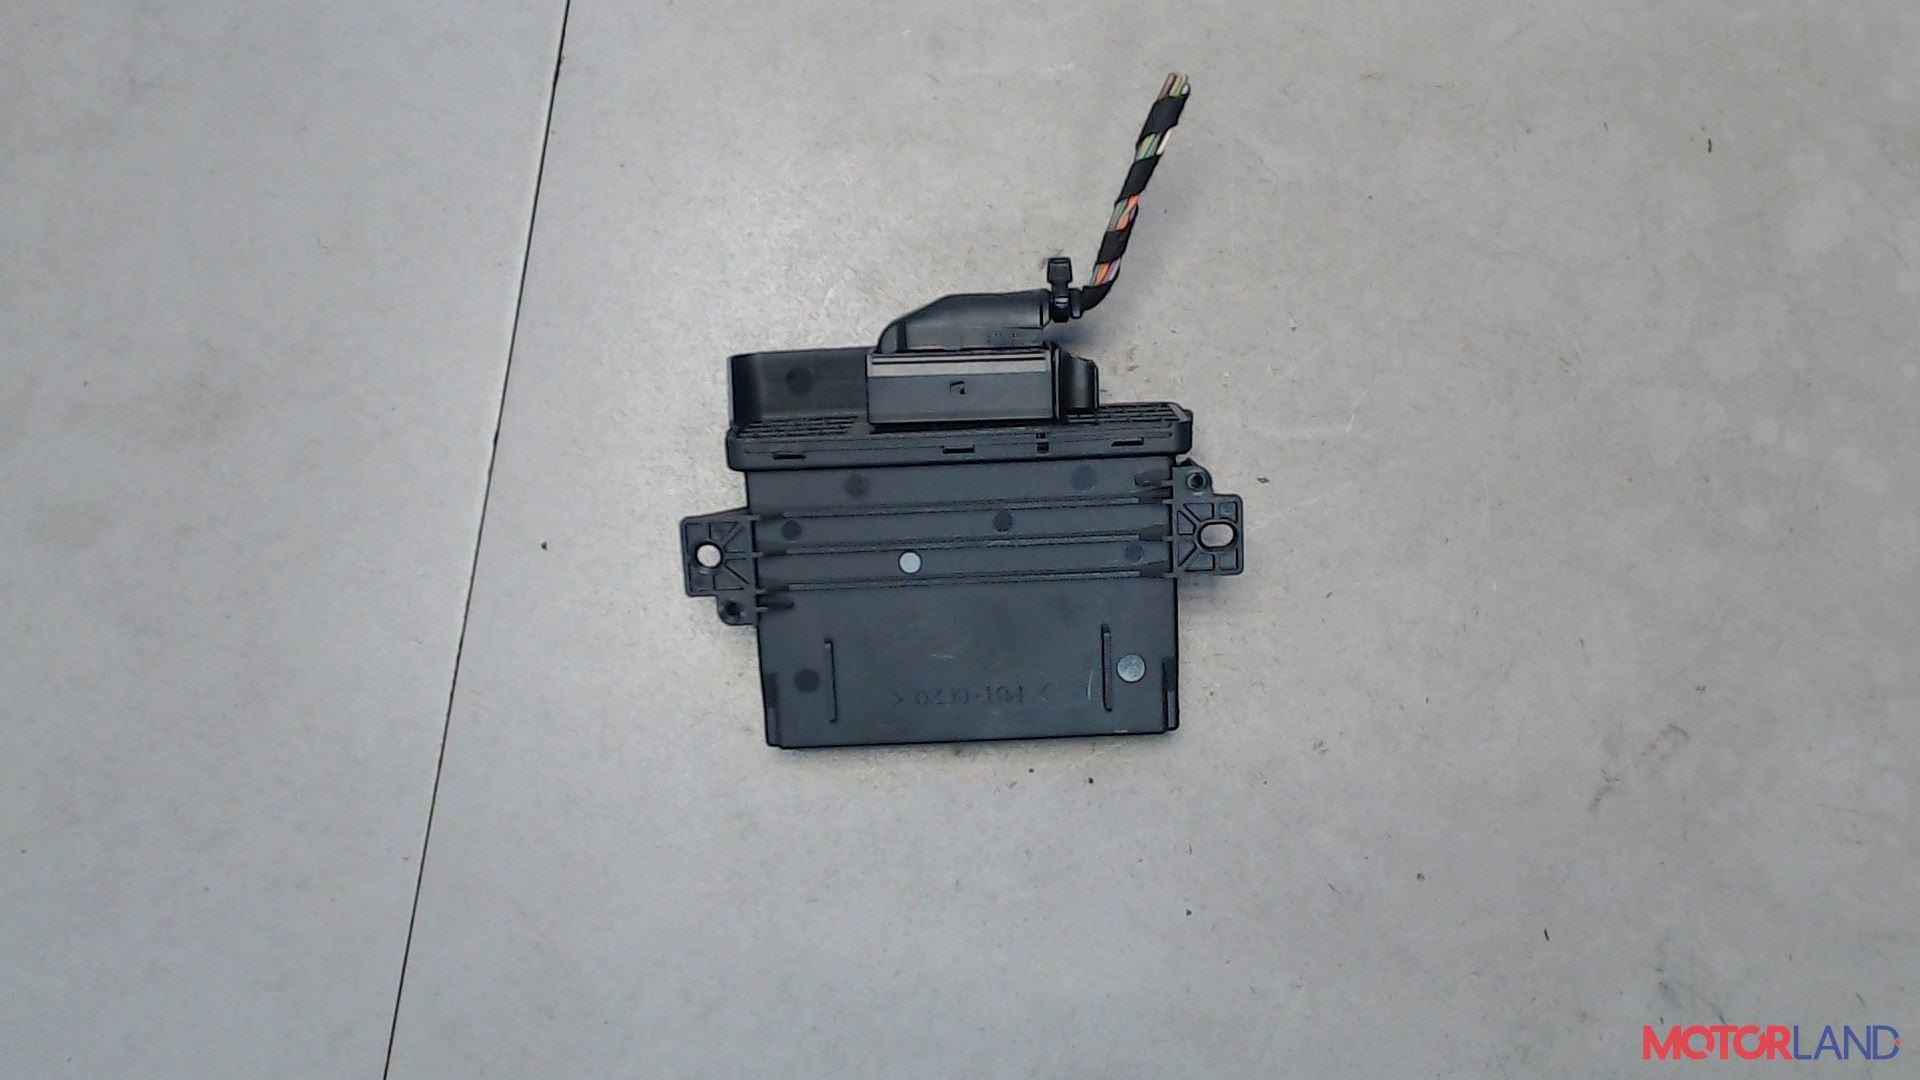 Блок управления (ЭБУ) Audi A6 (C6) 2005-2011 2.8 л. 2007 BDX б/у #2